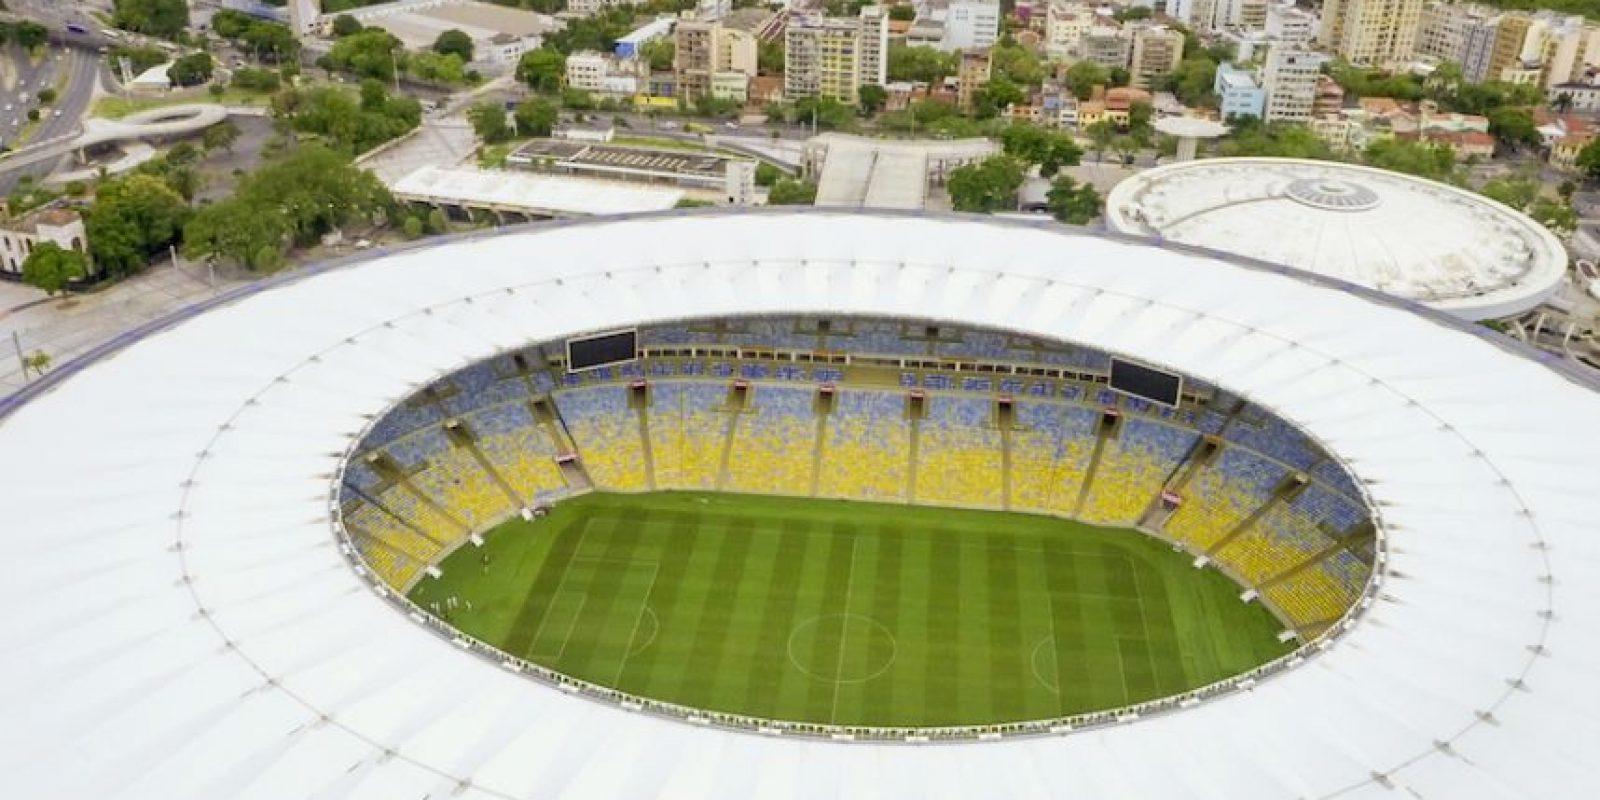 Fue totalmente remodelado para el Mundial de Brasil 2014. Foto:Airbnb